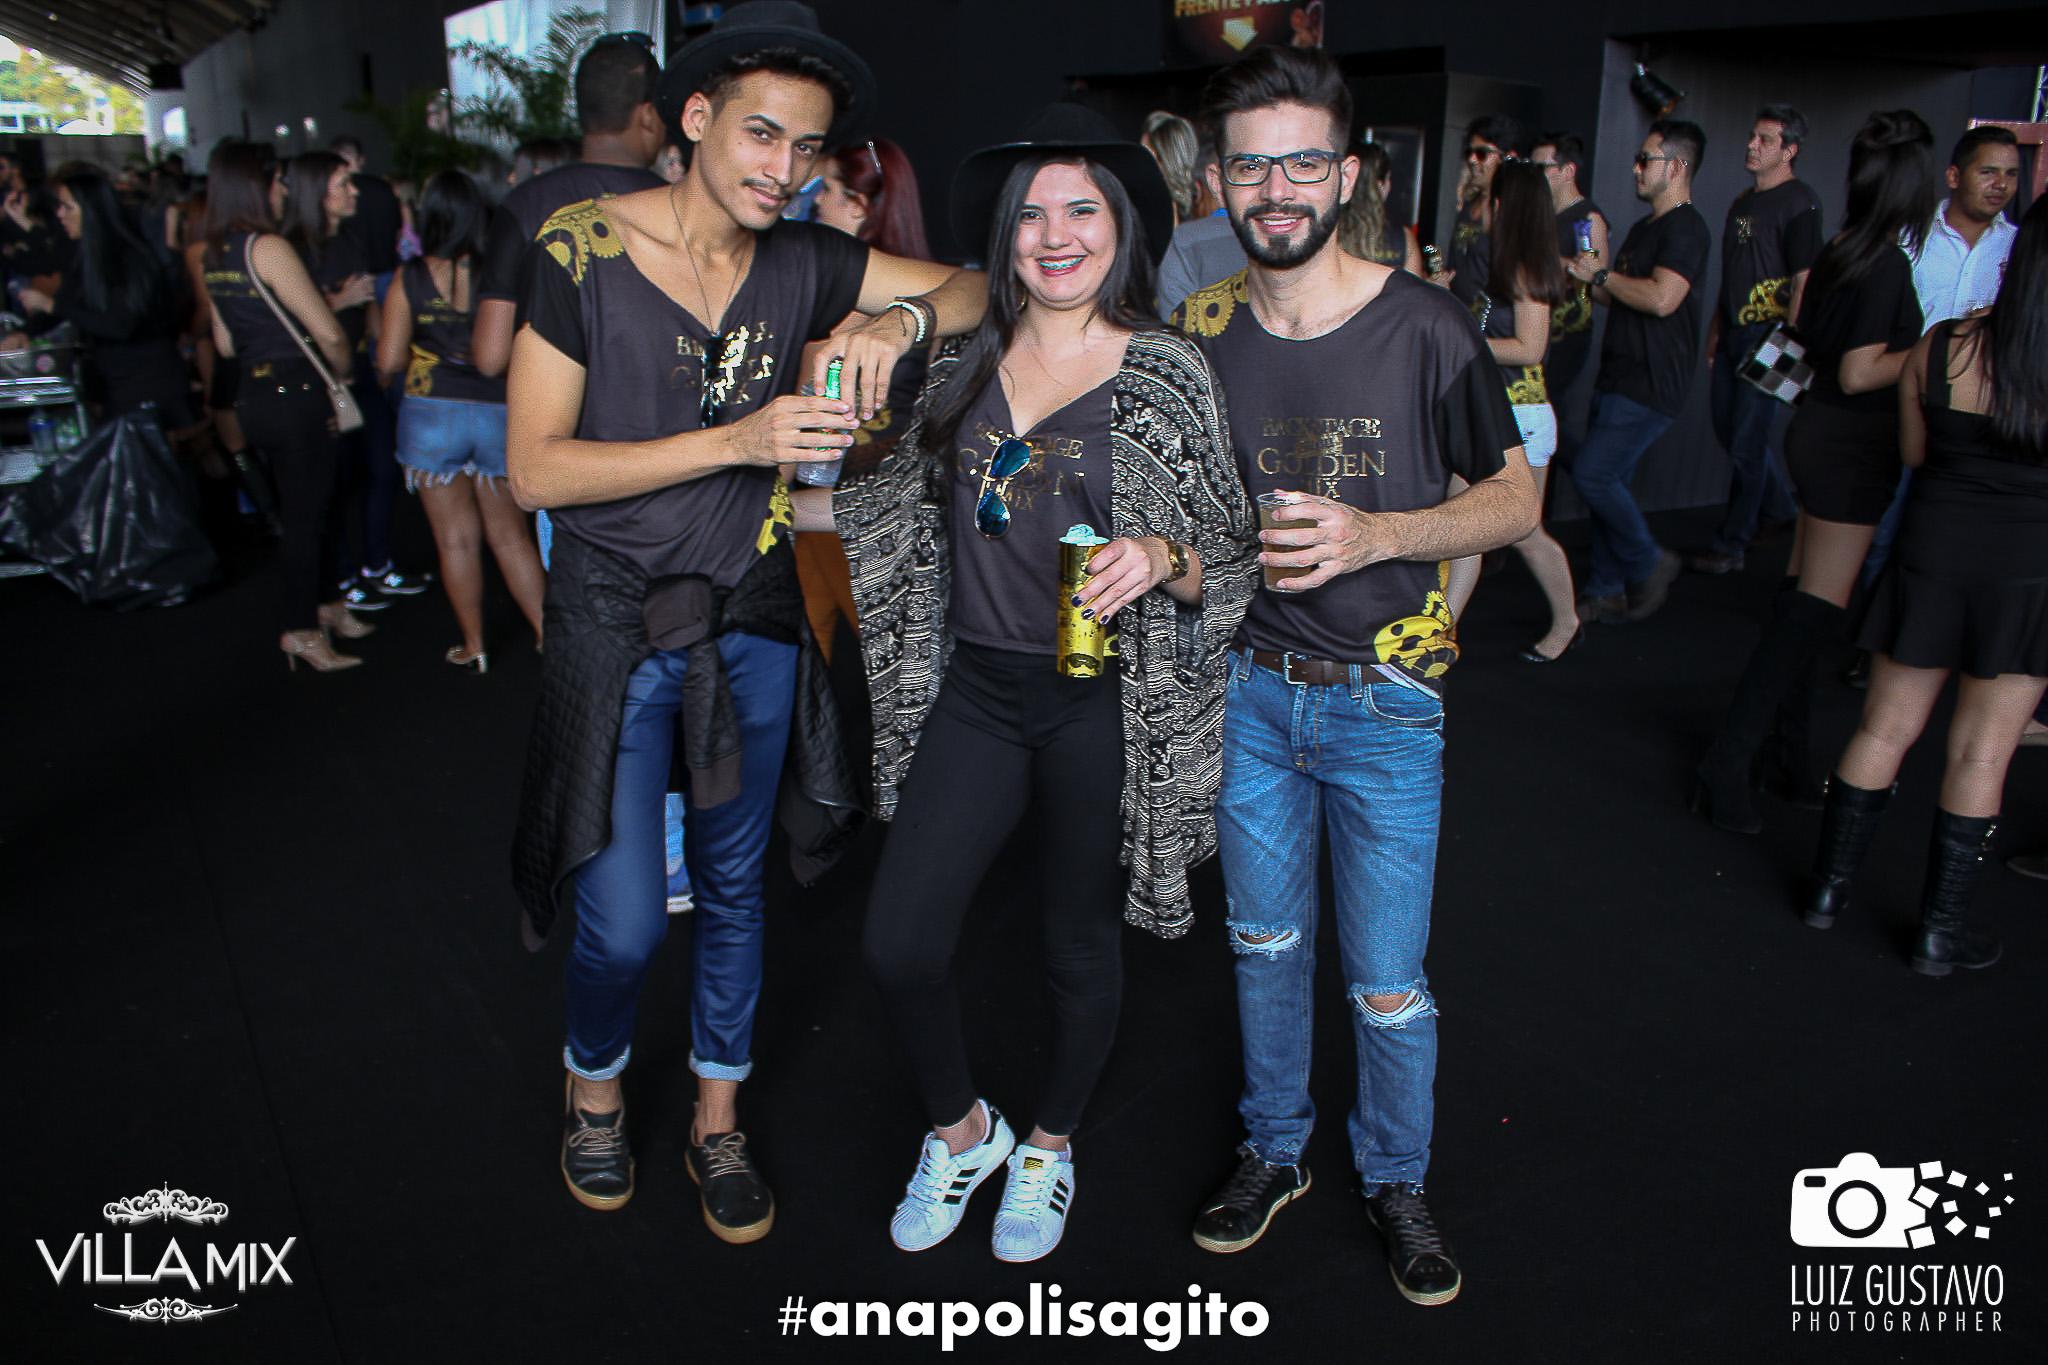 Luiz Gustavo Photographer (28 de 327)